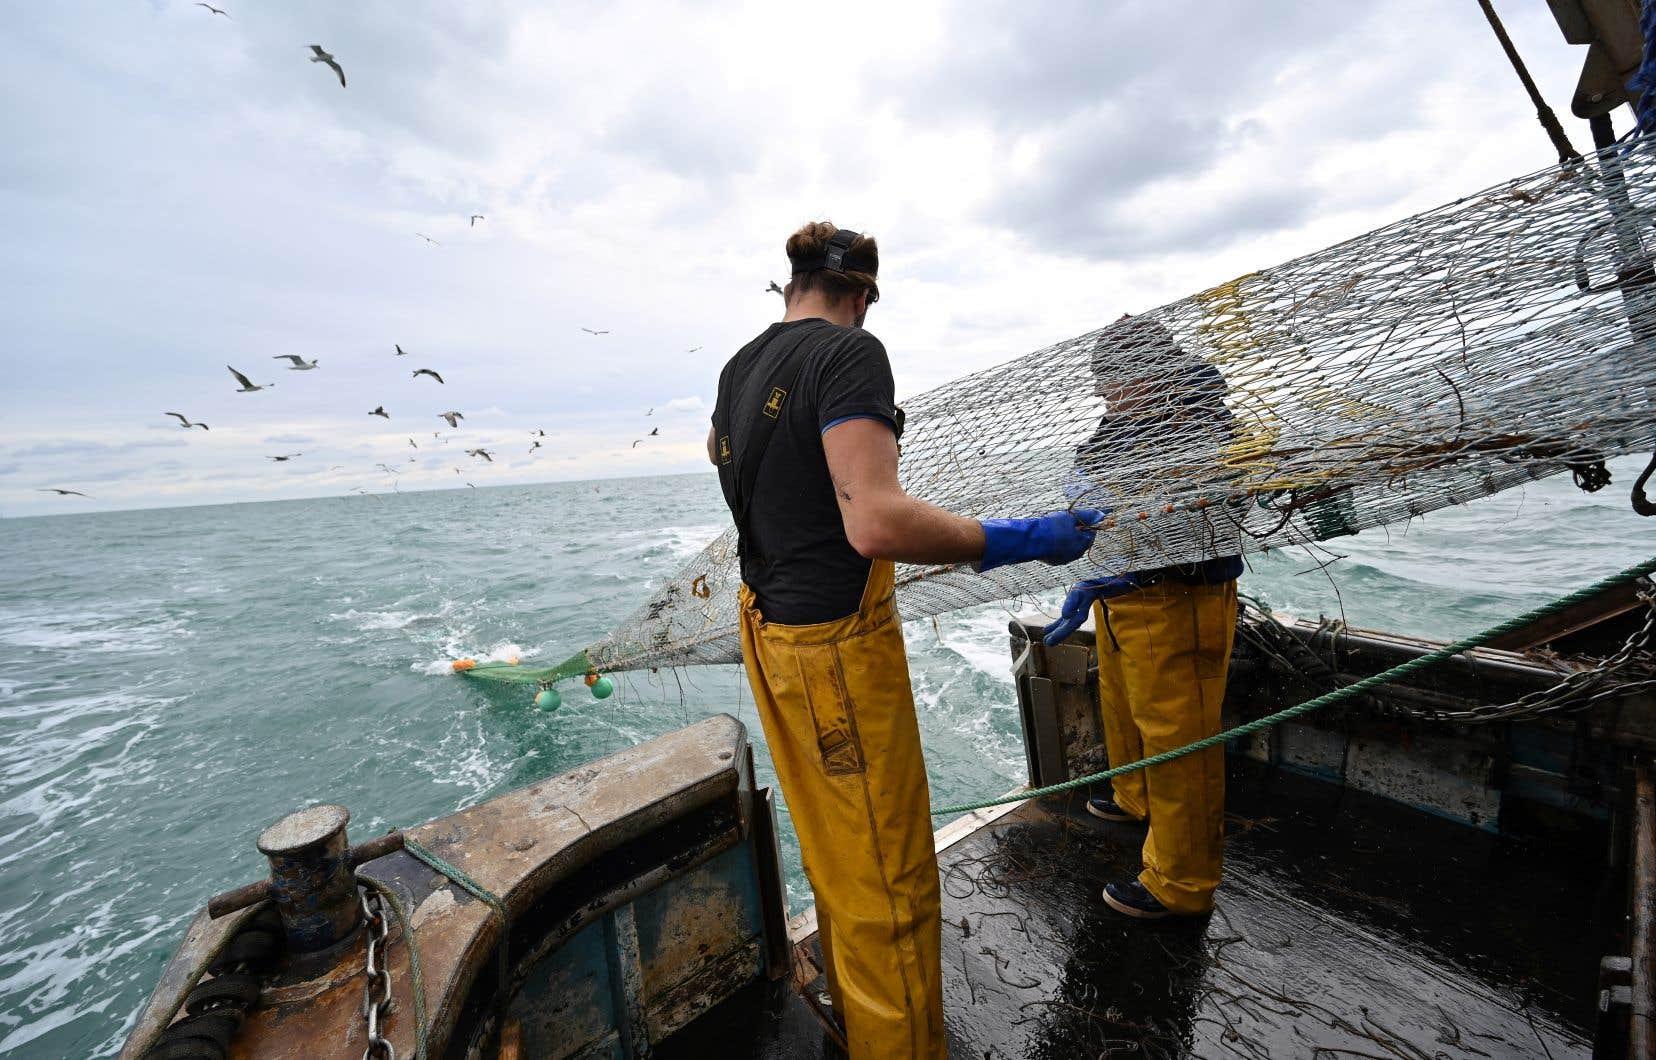 Les tractations se concentrent sur le partage des quelque 650millions d'euros de produits pêchés chaque année par l'UE dans les eaux britanniques et la durée de la période d'adaptation pour les pêcheurs européens. Pour les Britanniques, les produits de pêche dans les eaux européennes représentent environ 110millions d'euros.